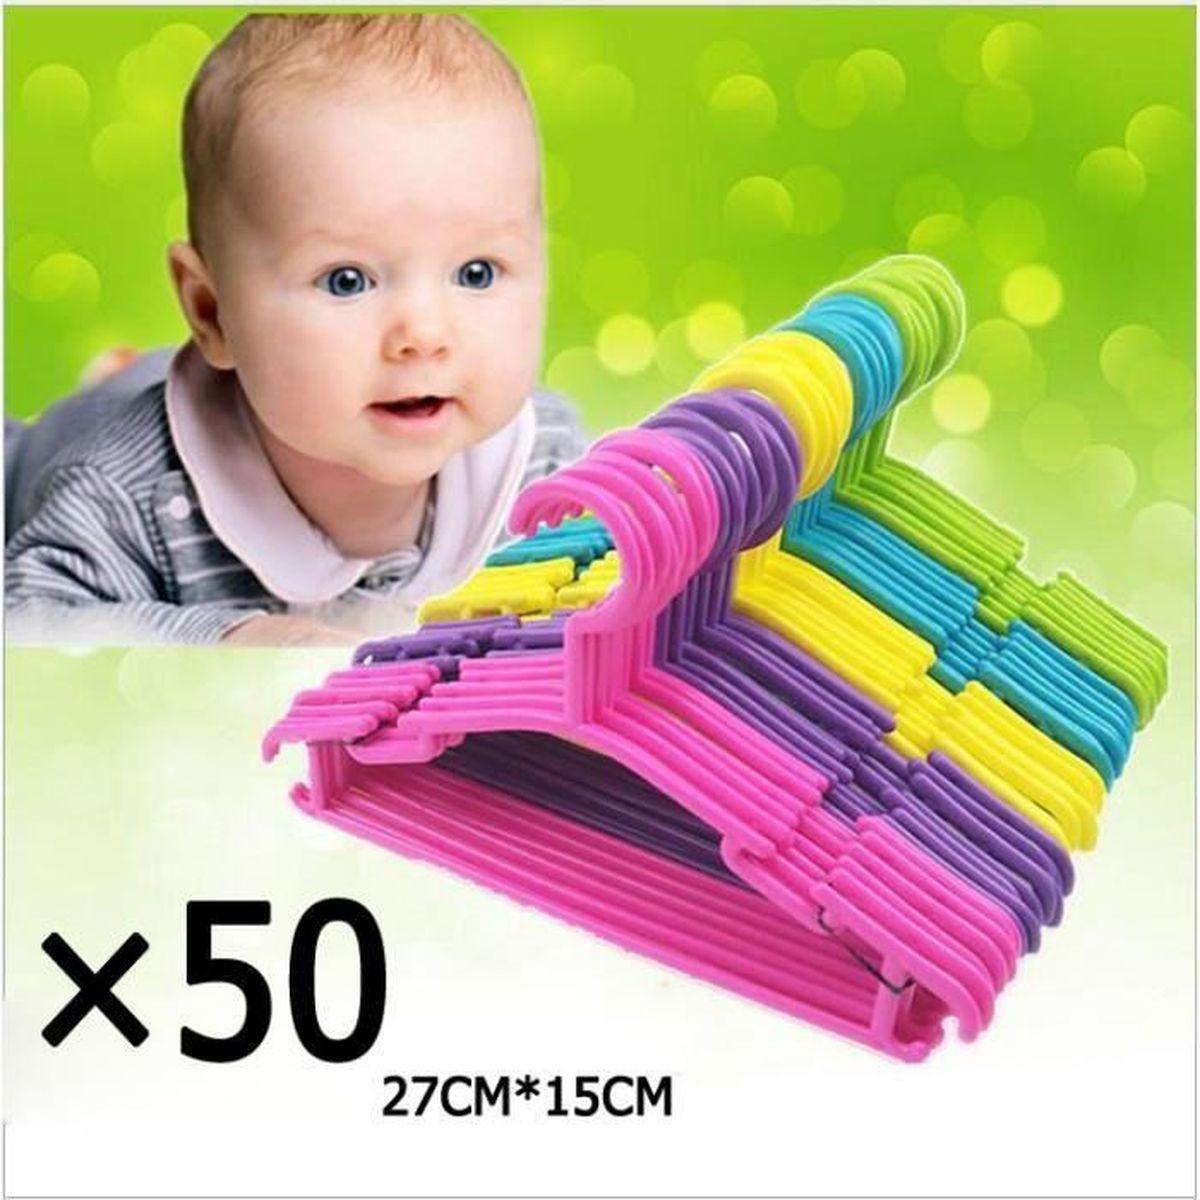 CINTRE CPROPRO 27x15 cm Lot de 50 cintres pour bébé enfan